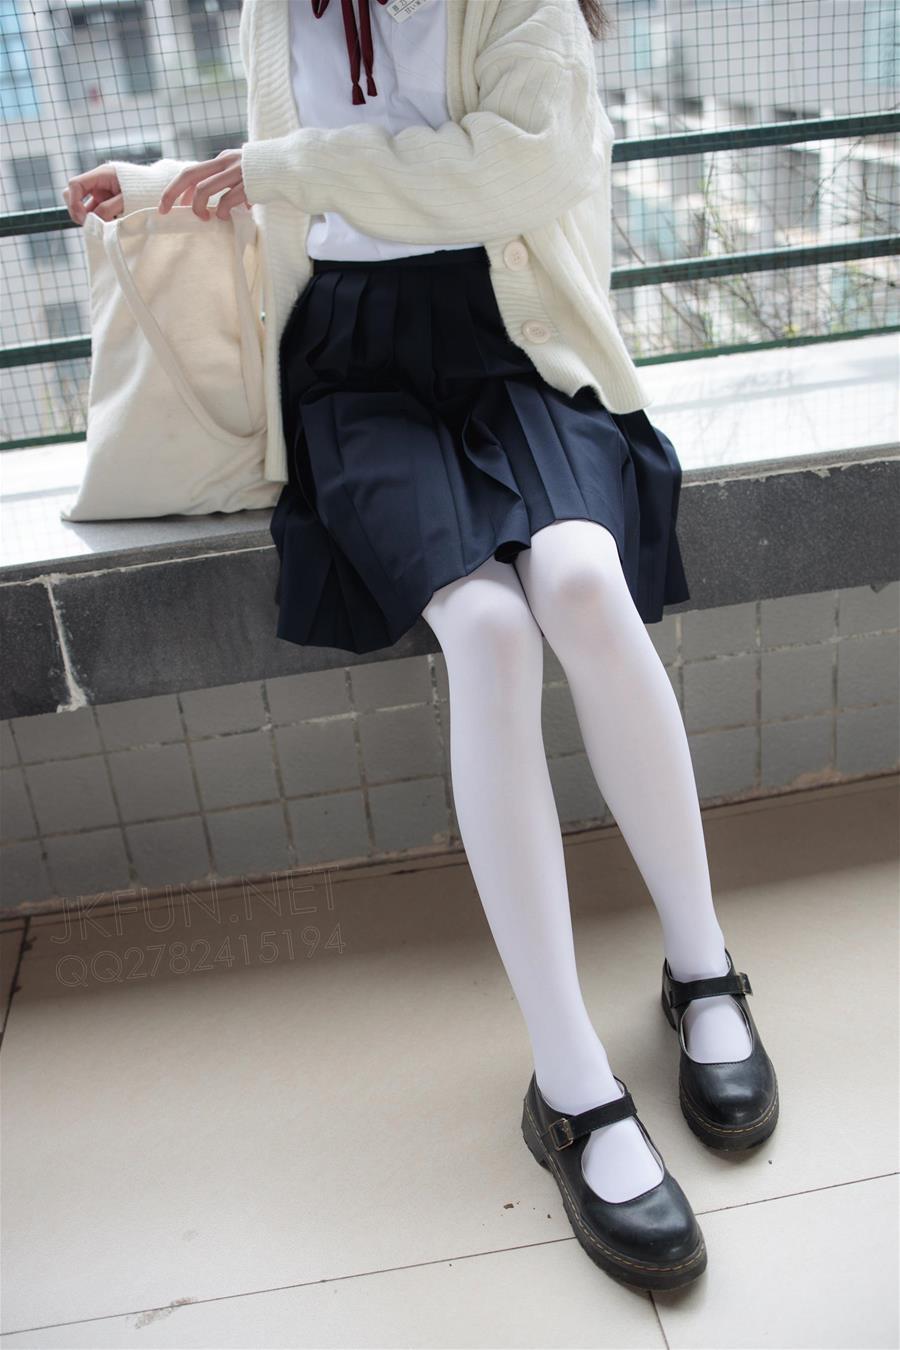 森萝财团 JKFUN-001 甜米 纯纯的白丝学妹 [127P1V-2.23GB] 森萝财团-第2张